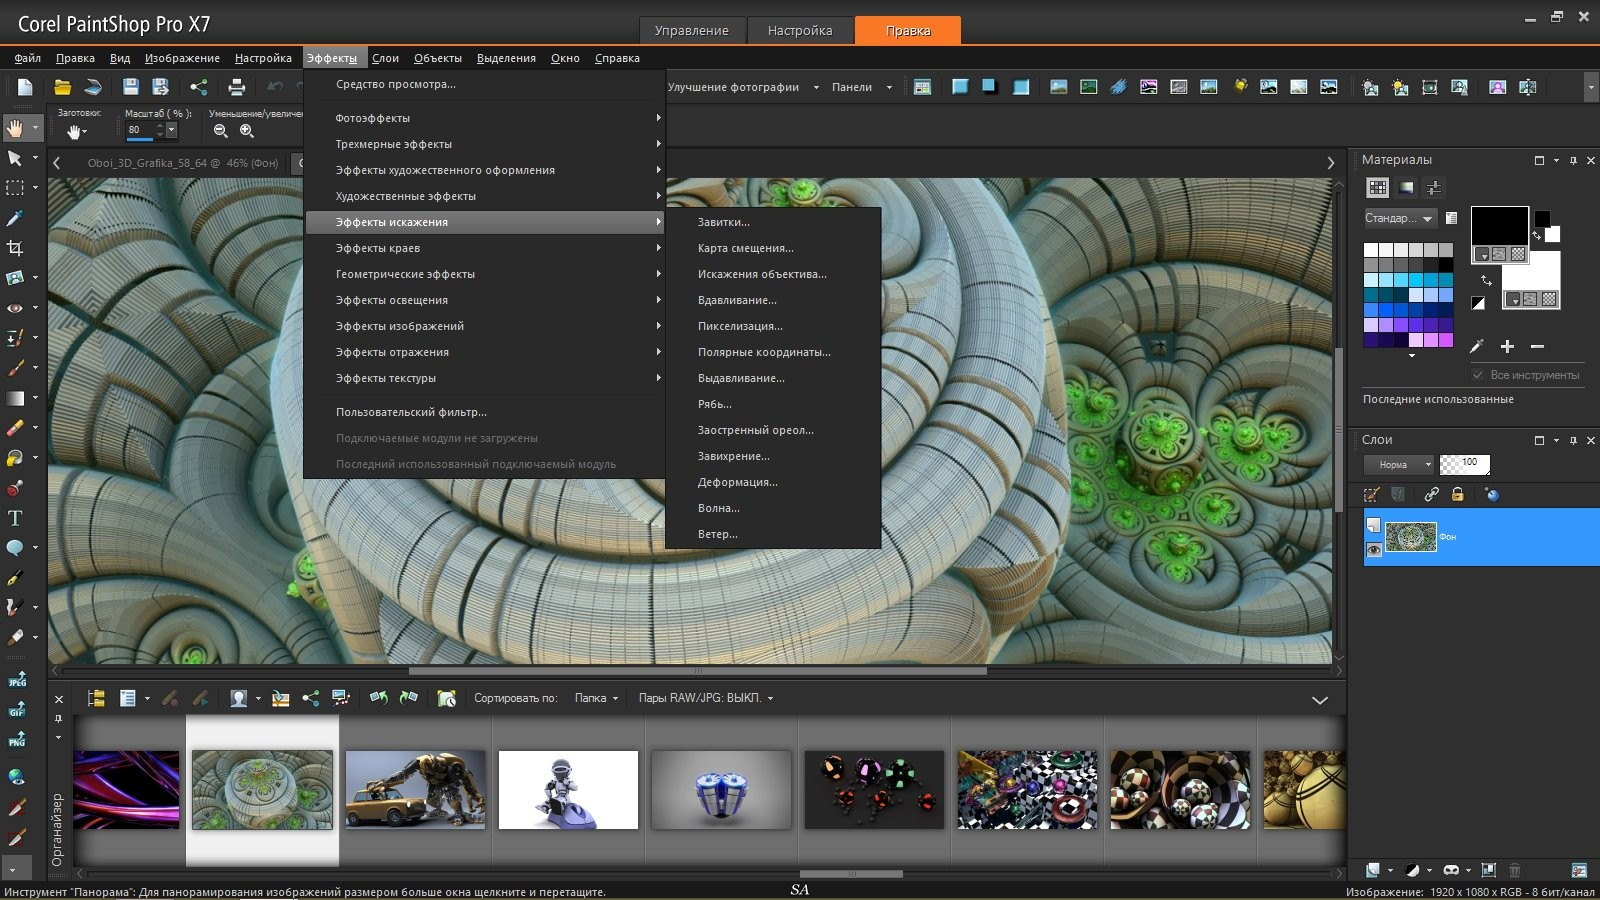 Fullsize Of Corel Paintshop Pro X7